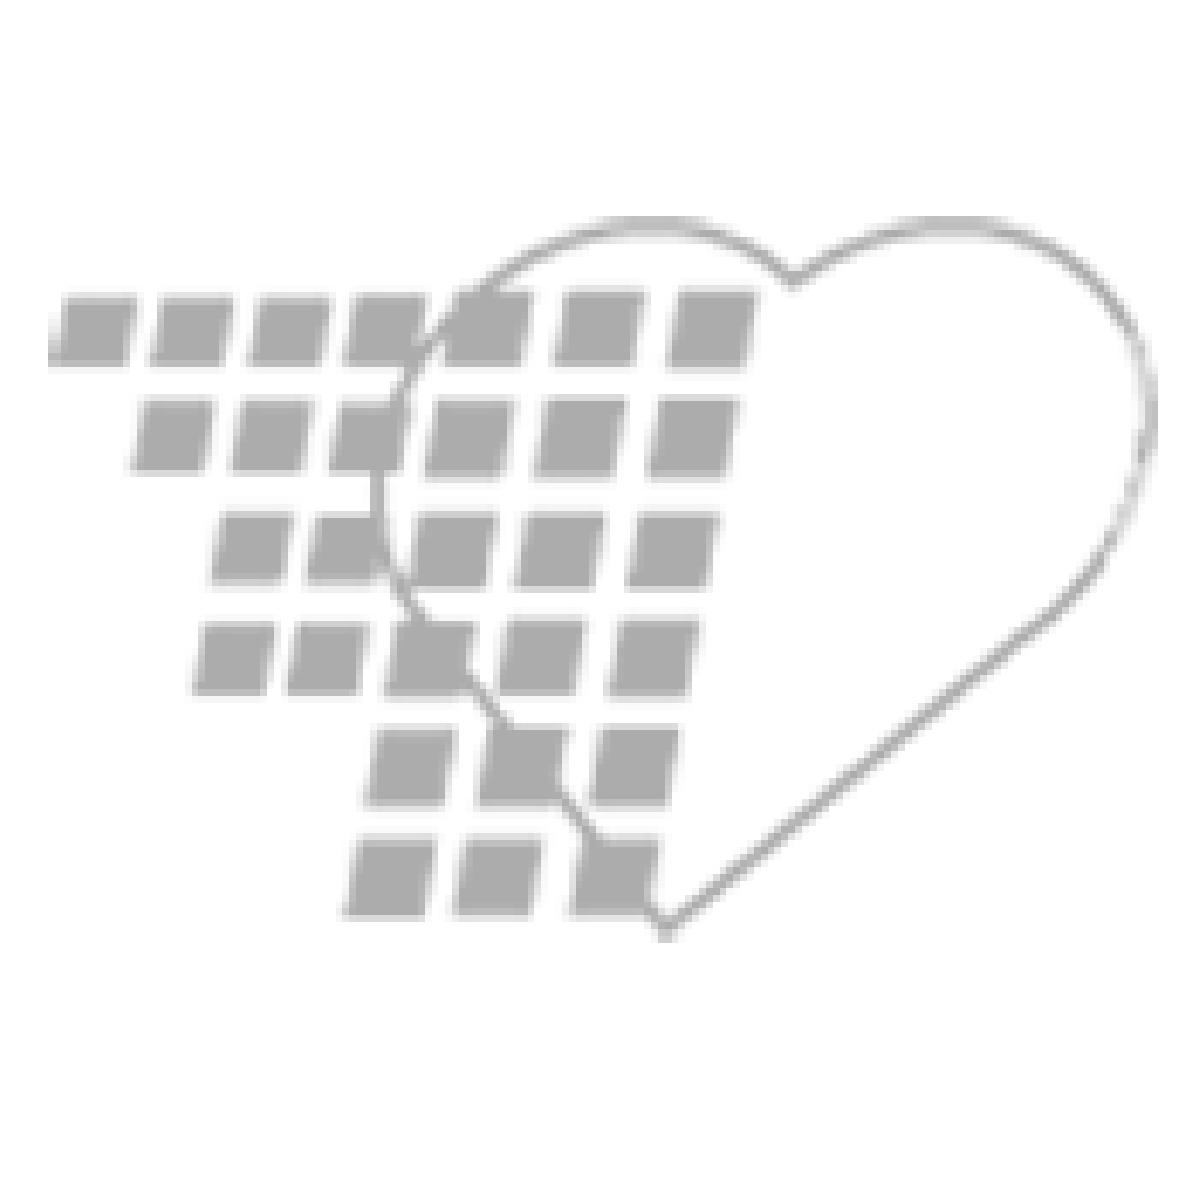 11-81-1077 Prestan® CPR Practice Shields on a Roll